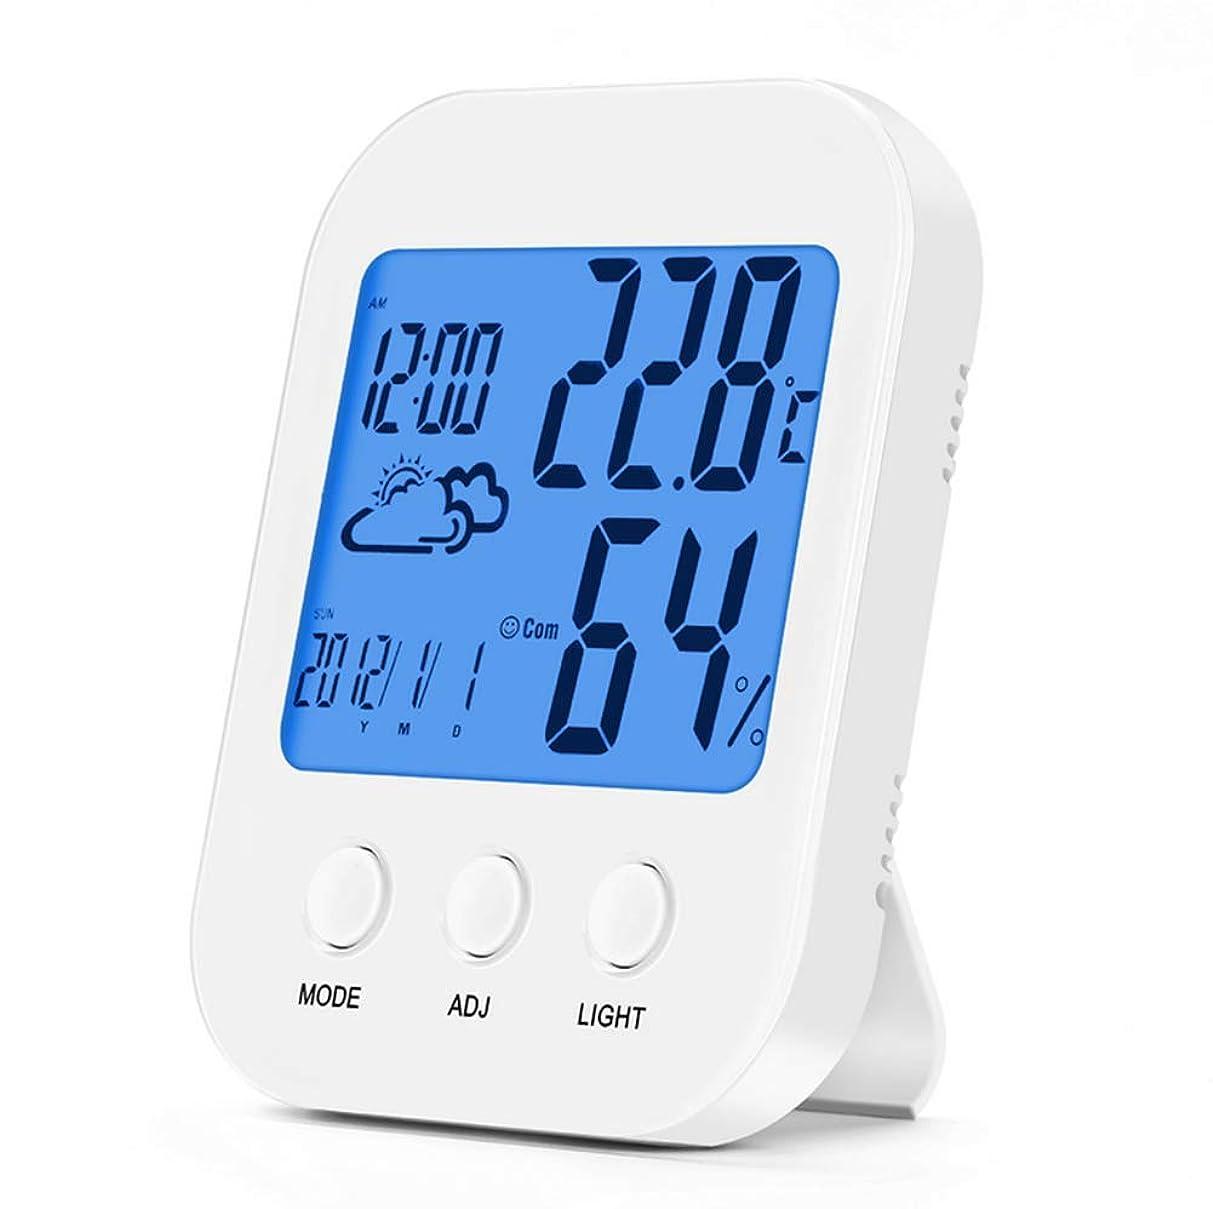 対称キャンプ分析的なワイヤレス温度センサー&湿度計大画面タッチ電子温度計と湿度計付き屋内屋外温度計